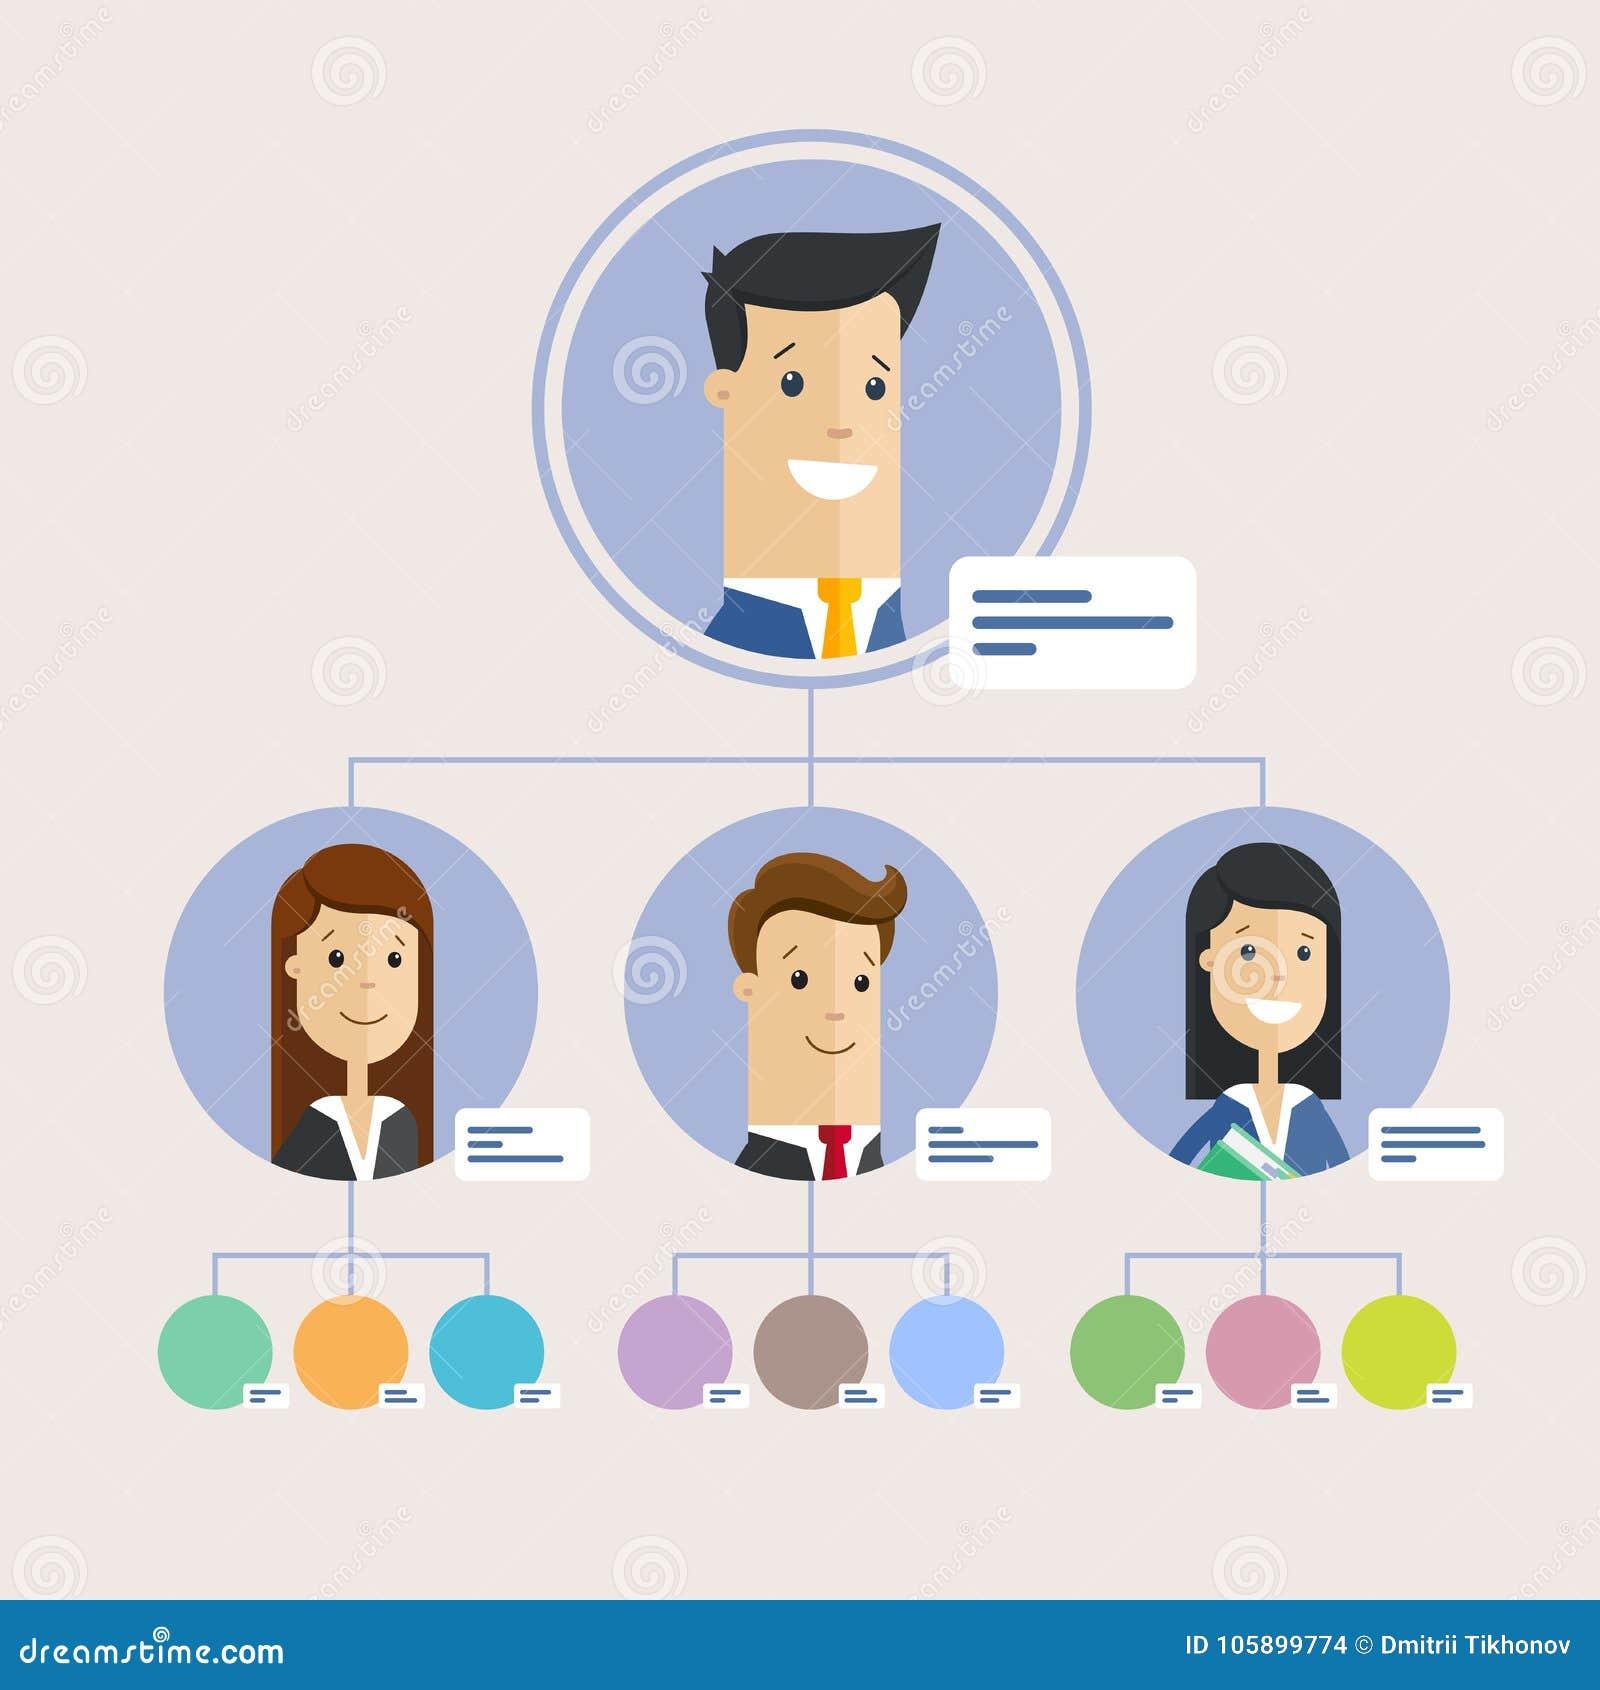 Hierarki av företaget, personer Plan illustration